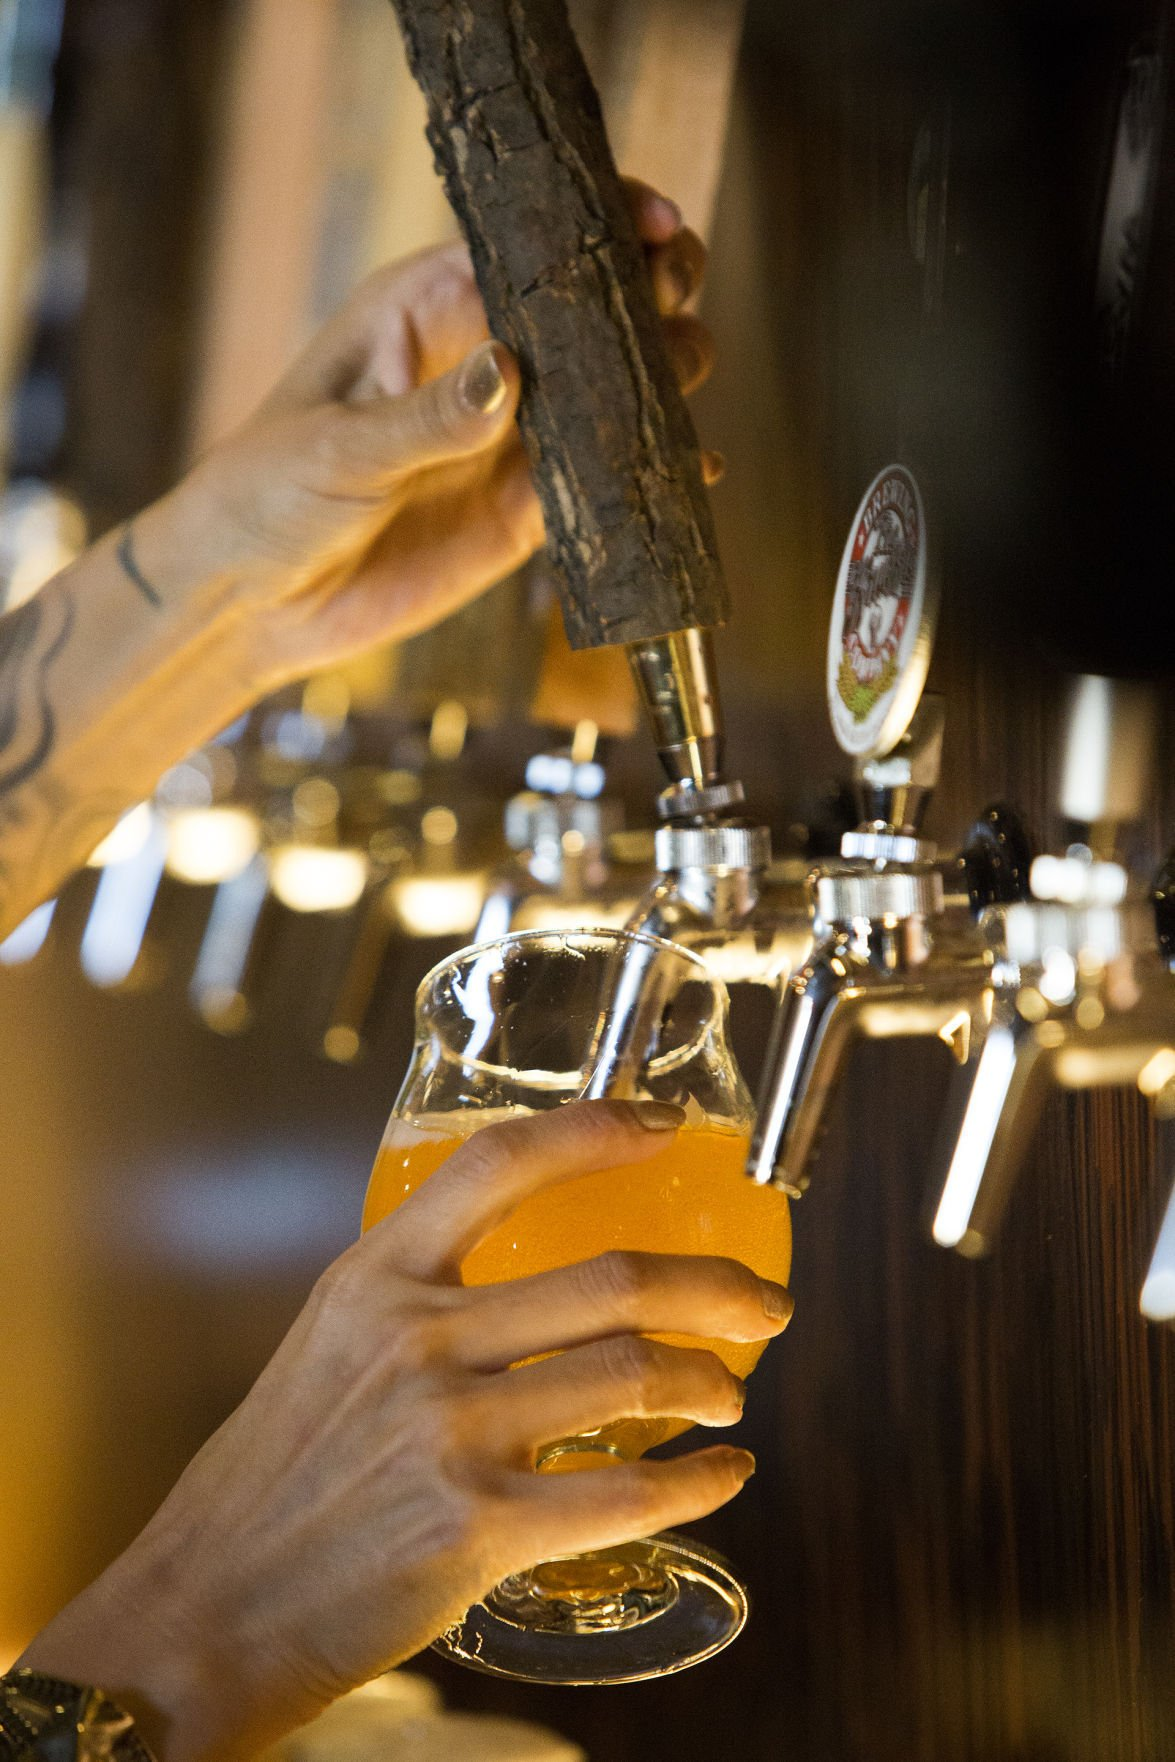 052216-biz-beer004.JPG